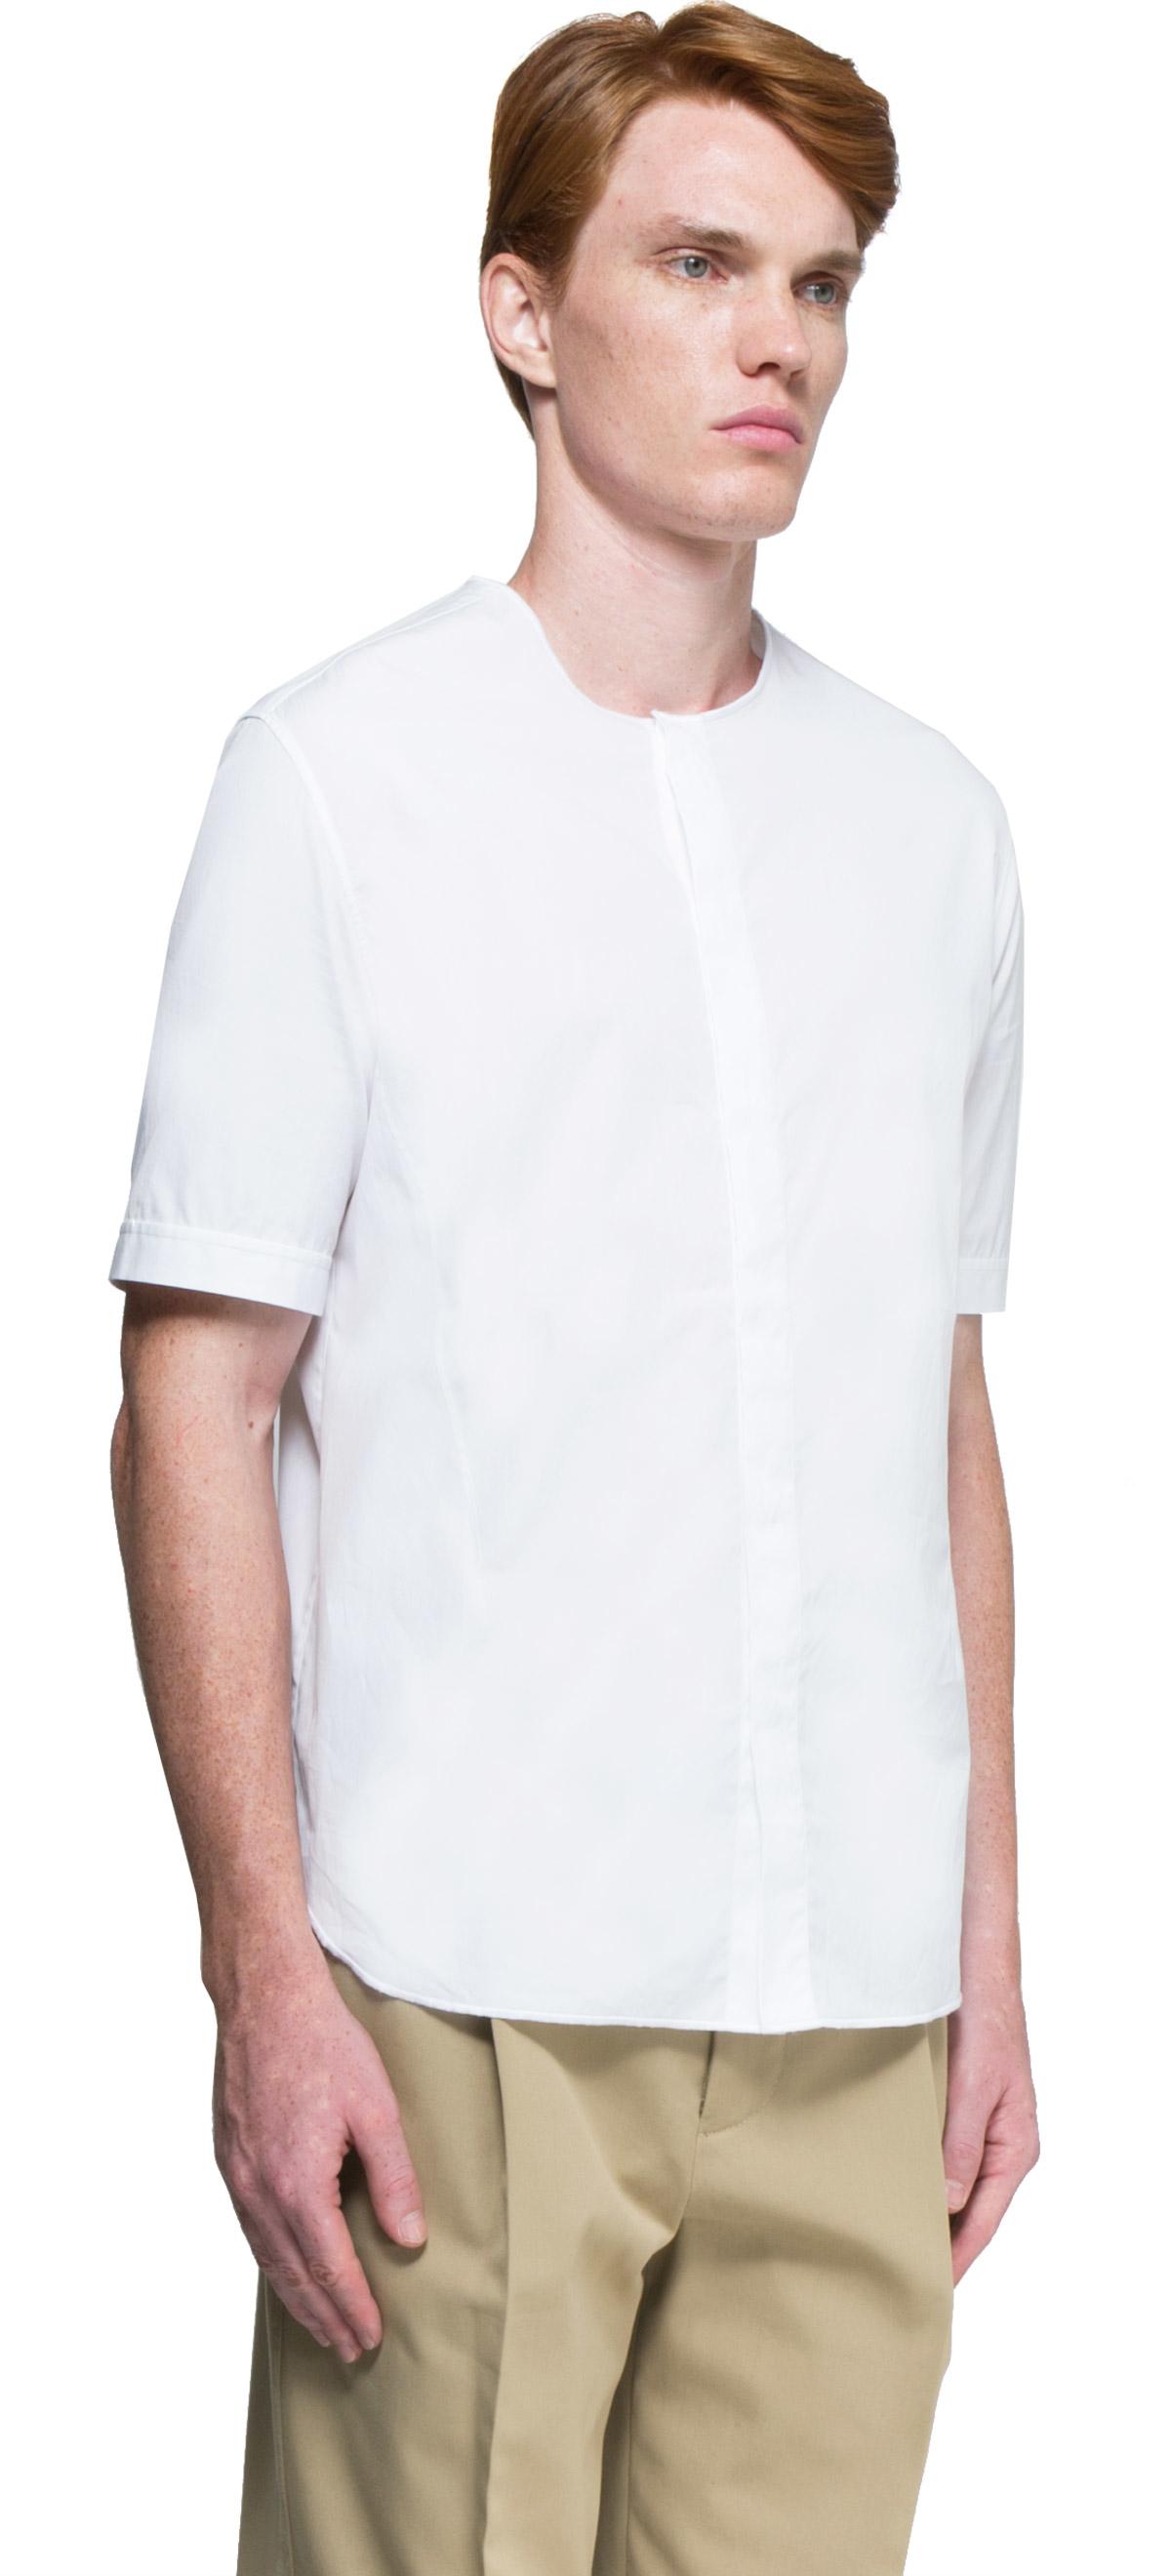 3 1 phillip lim collarless shirt in white for men lyst for Collarless shirts for men